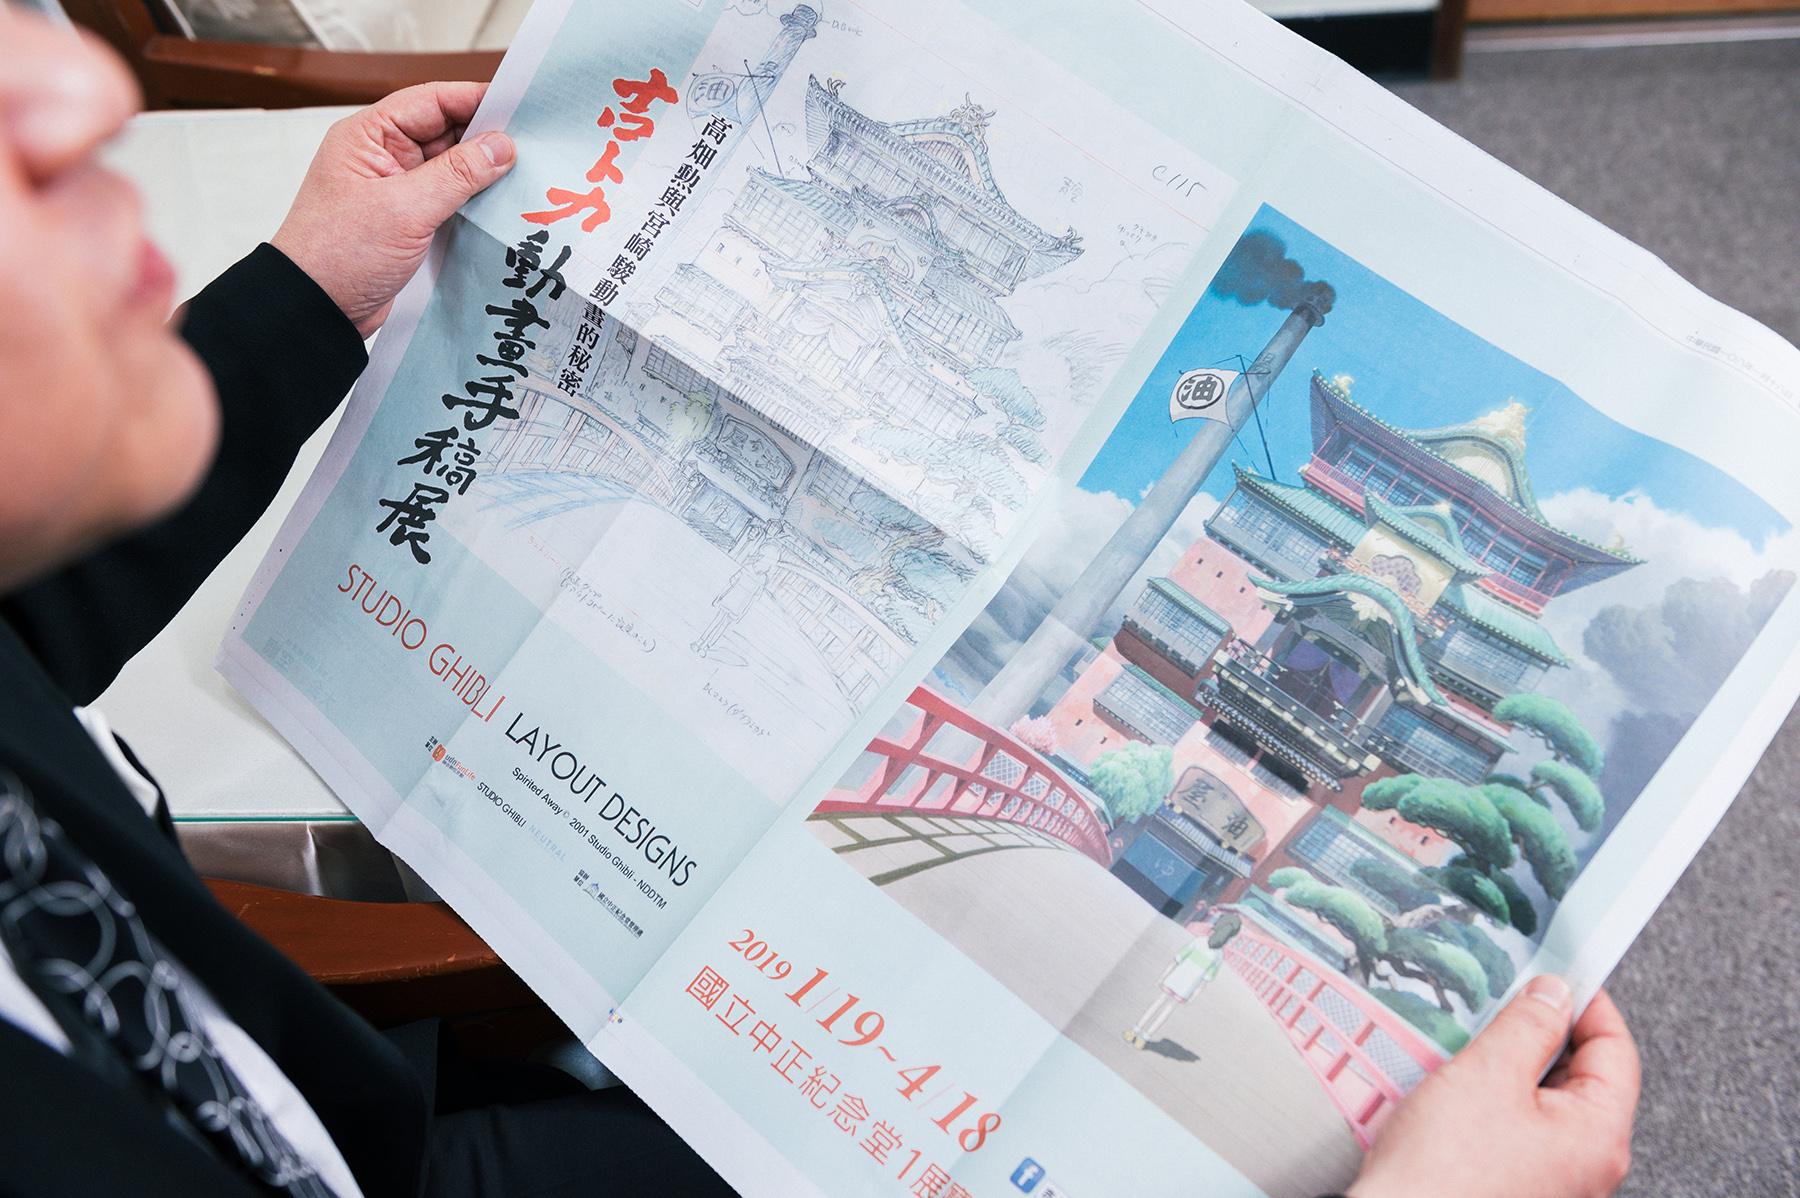 導演宮崎駿繪製的構圖與最後的原畫。